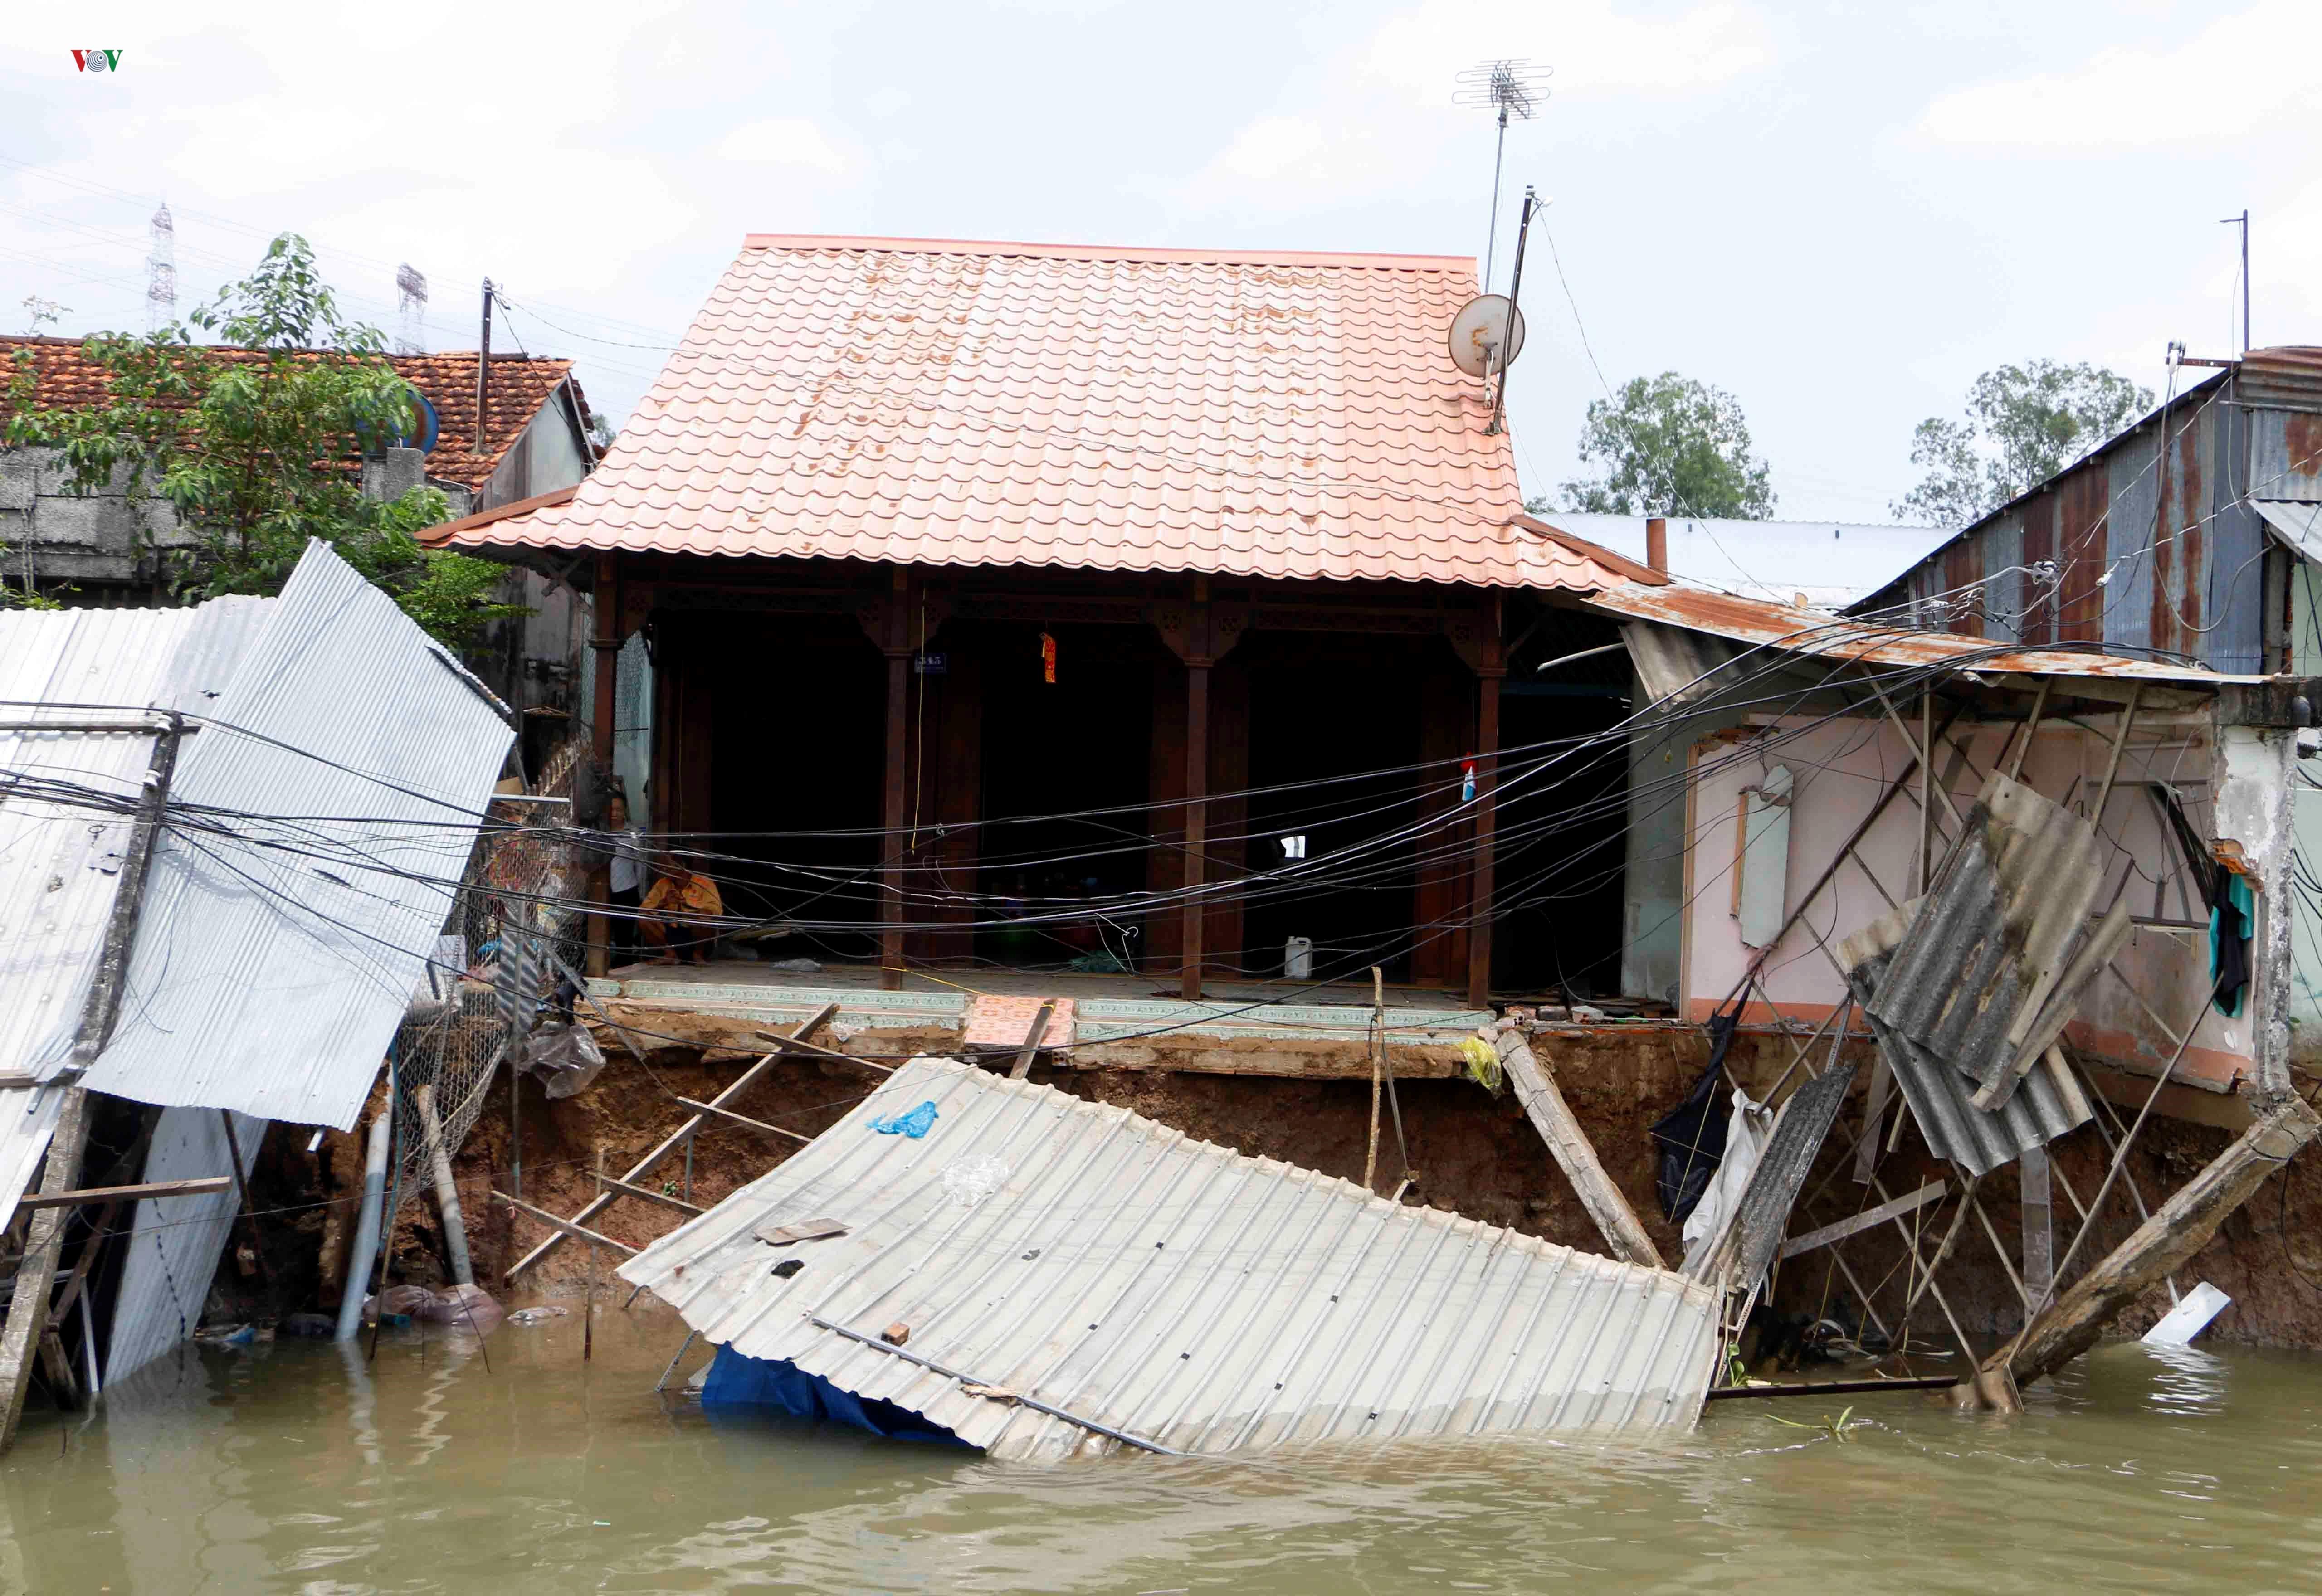 Sạt lở khiến 11 căn nhà ven sông Ô Môn, Cần Thơ bị ảnh hưởng Ảnh 6